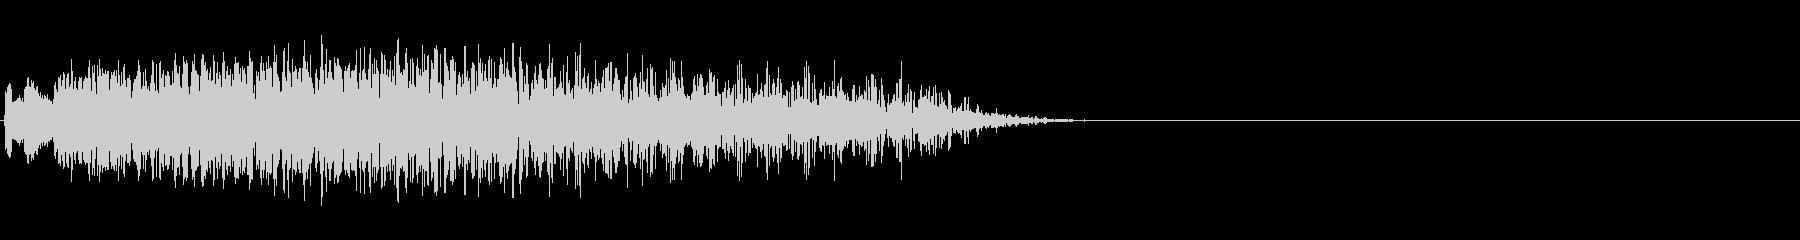 グランド・ピアノ:ファースト・グリ...の未再生の波形